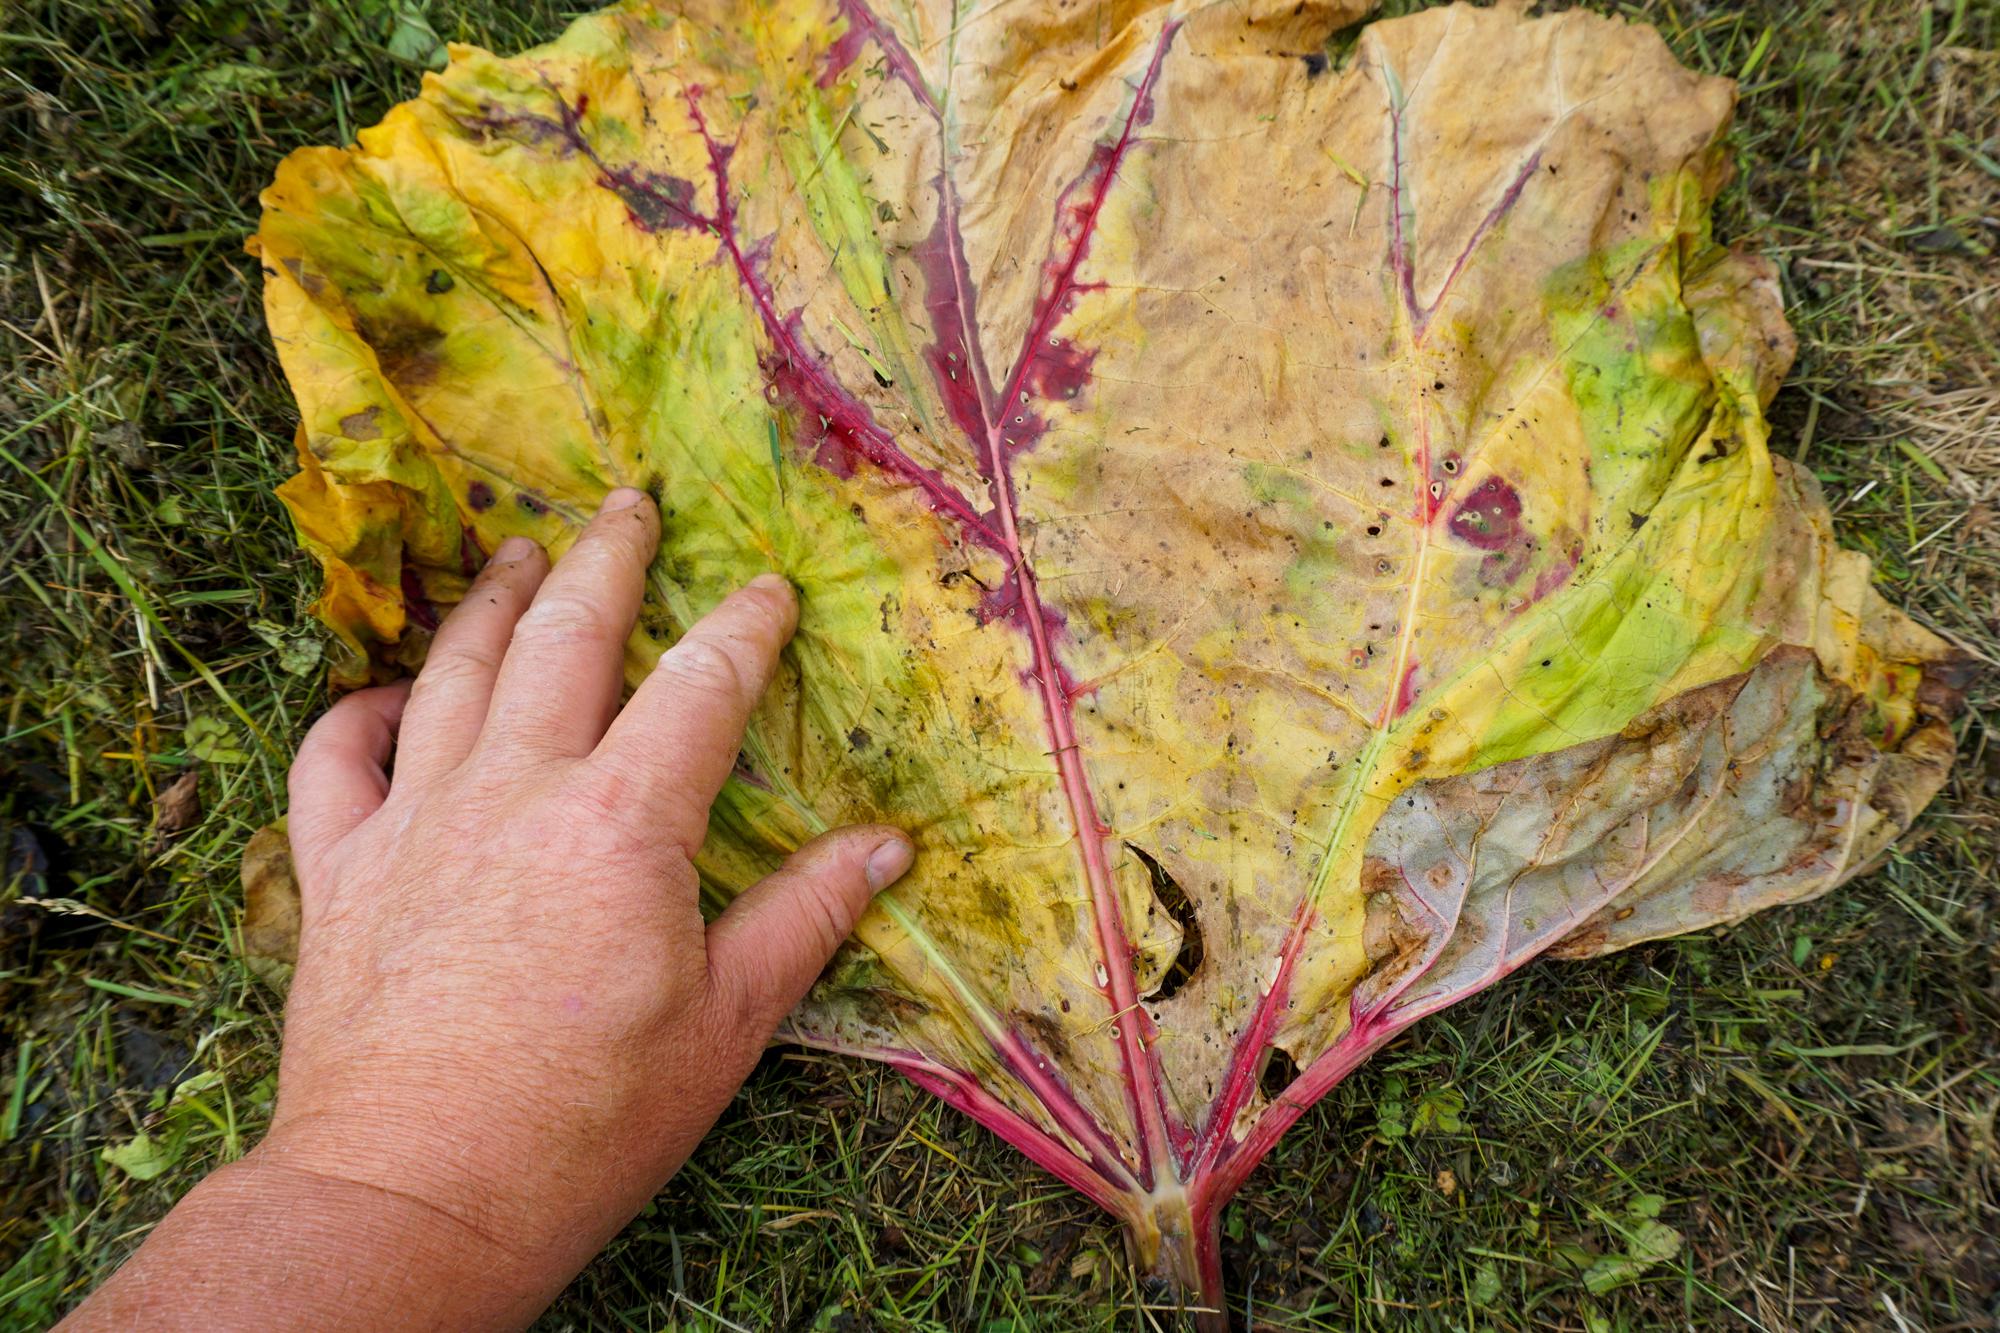 Rabarbrablader som har ligget noen dager, blir myke og føyelige og er lette å dekke med.